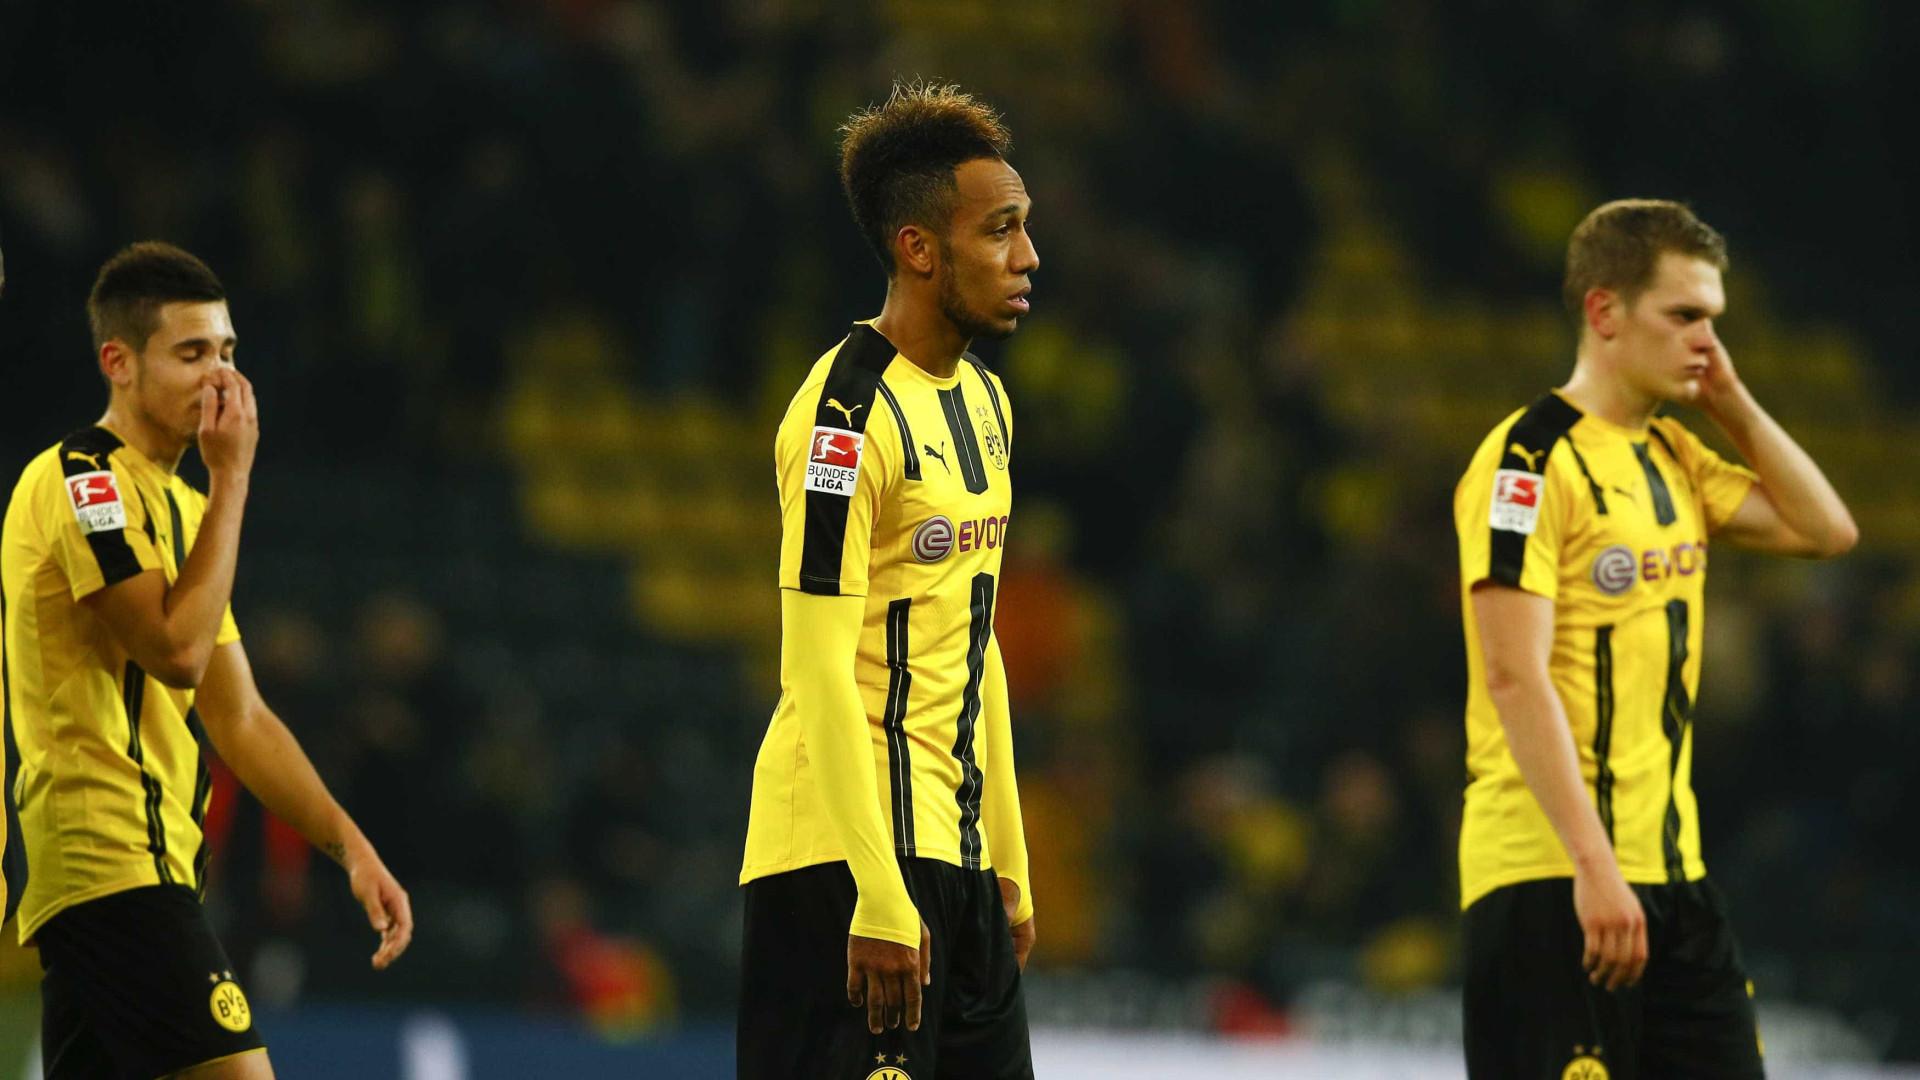 d43a4e7ccb Guerreiro regressa mas Dortmund empata antes de receber Sporting